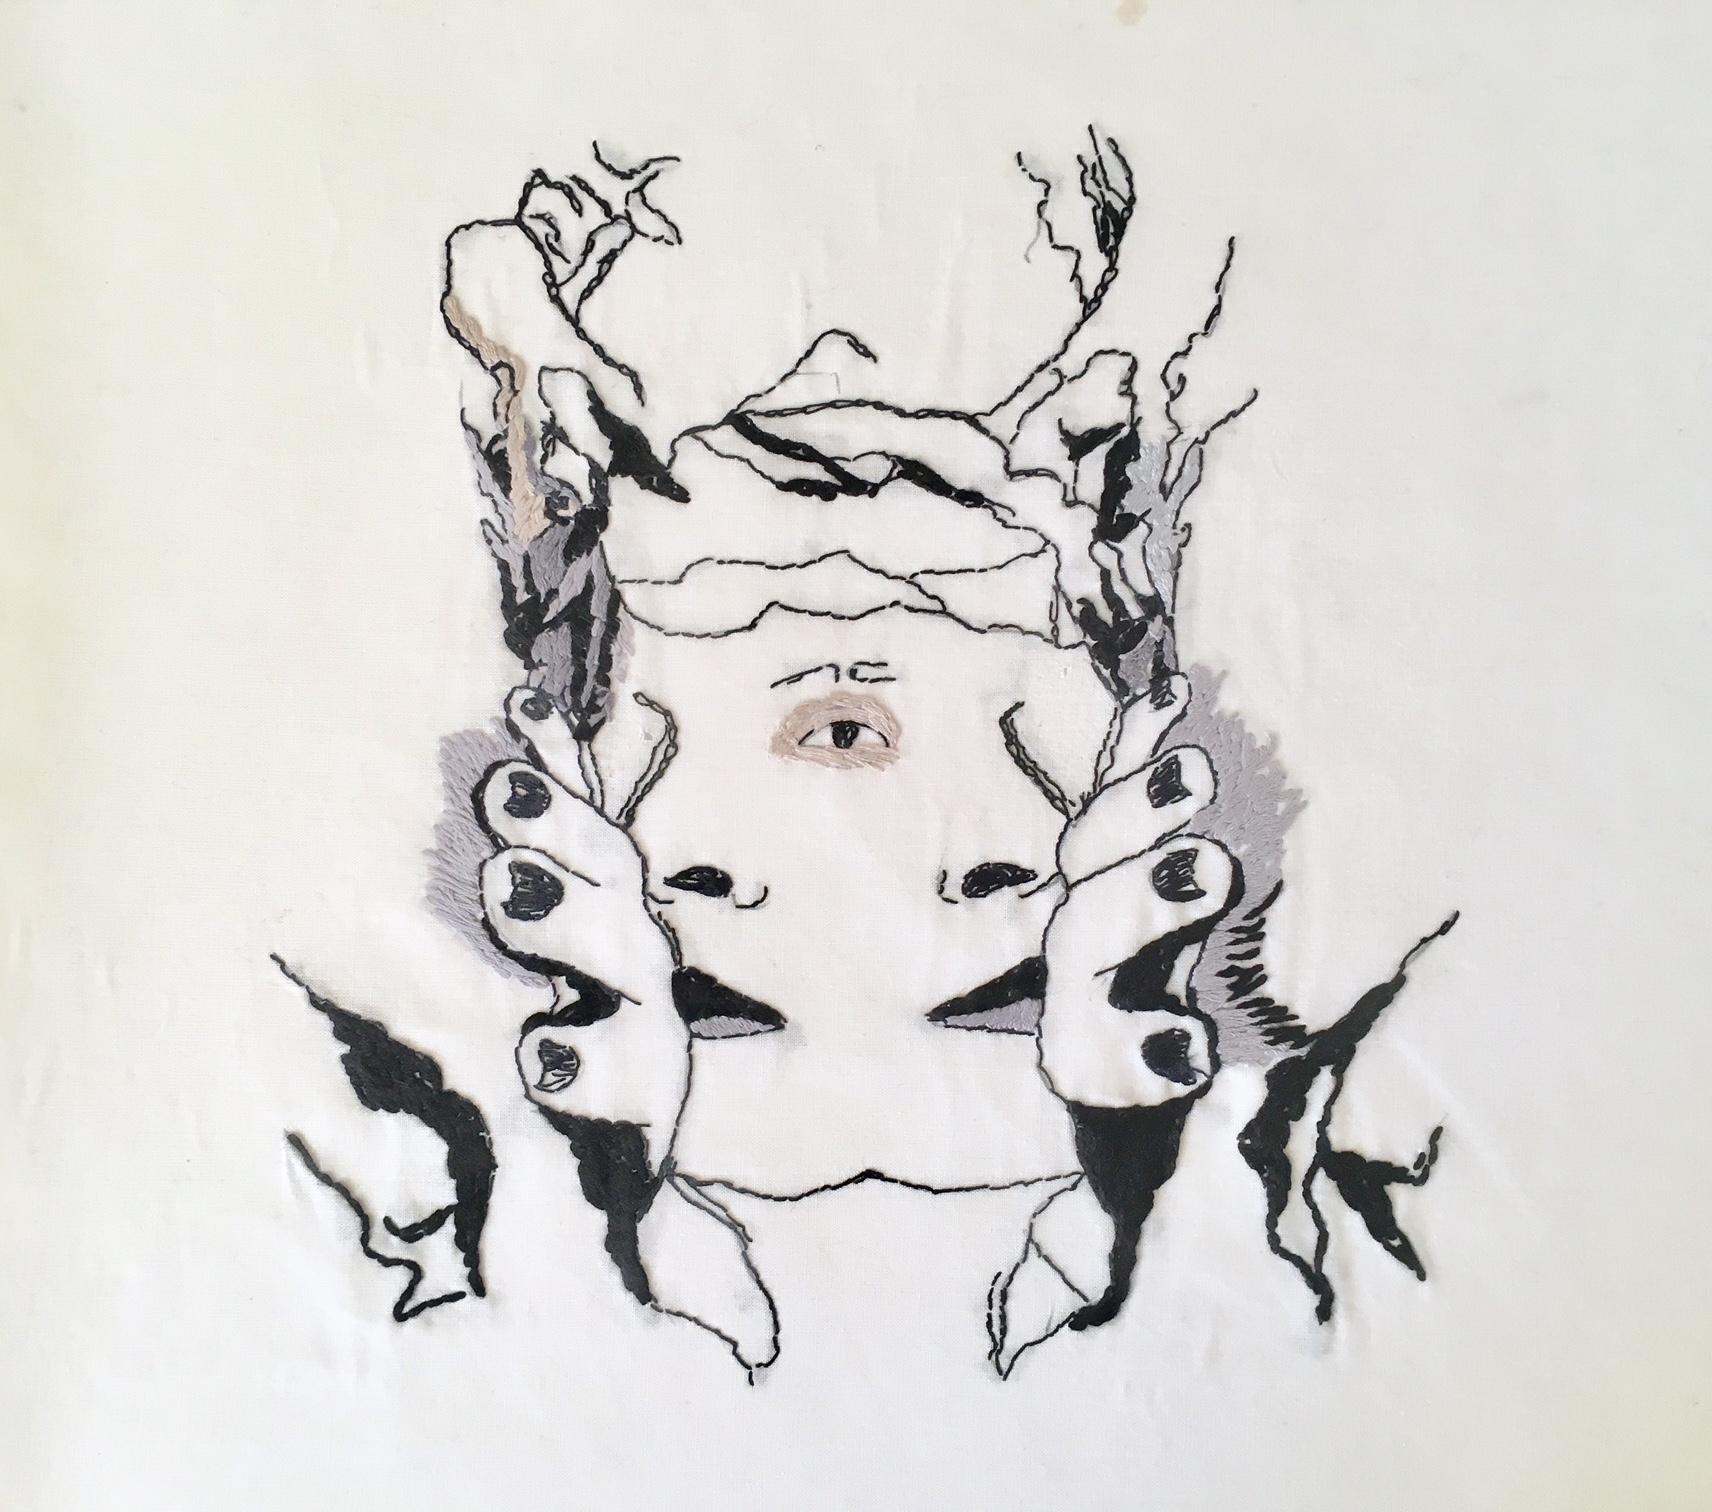 Muođut (Faces), 41x44